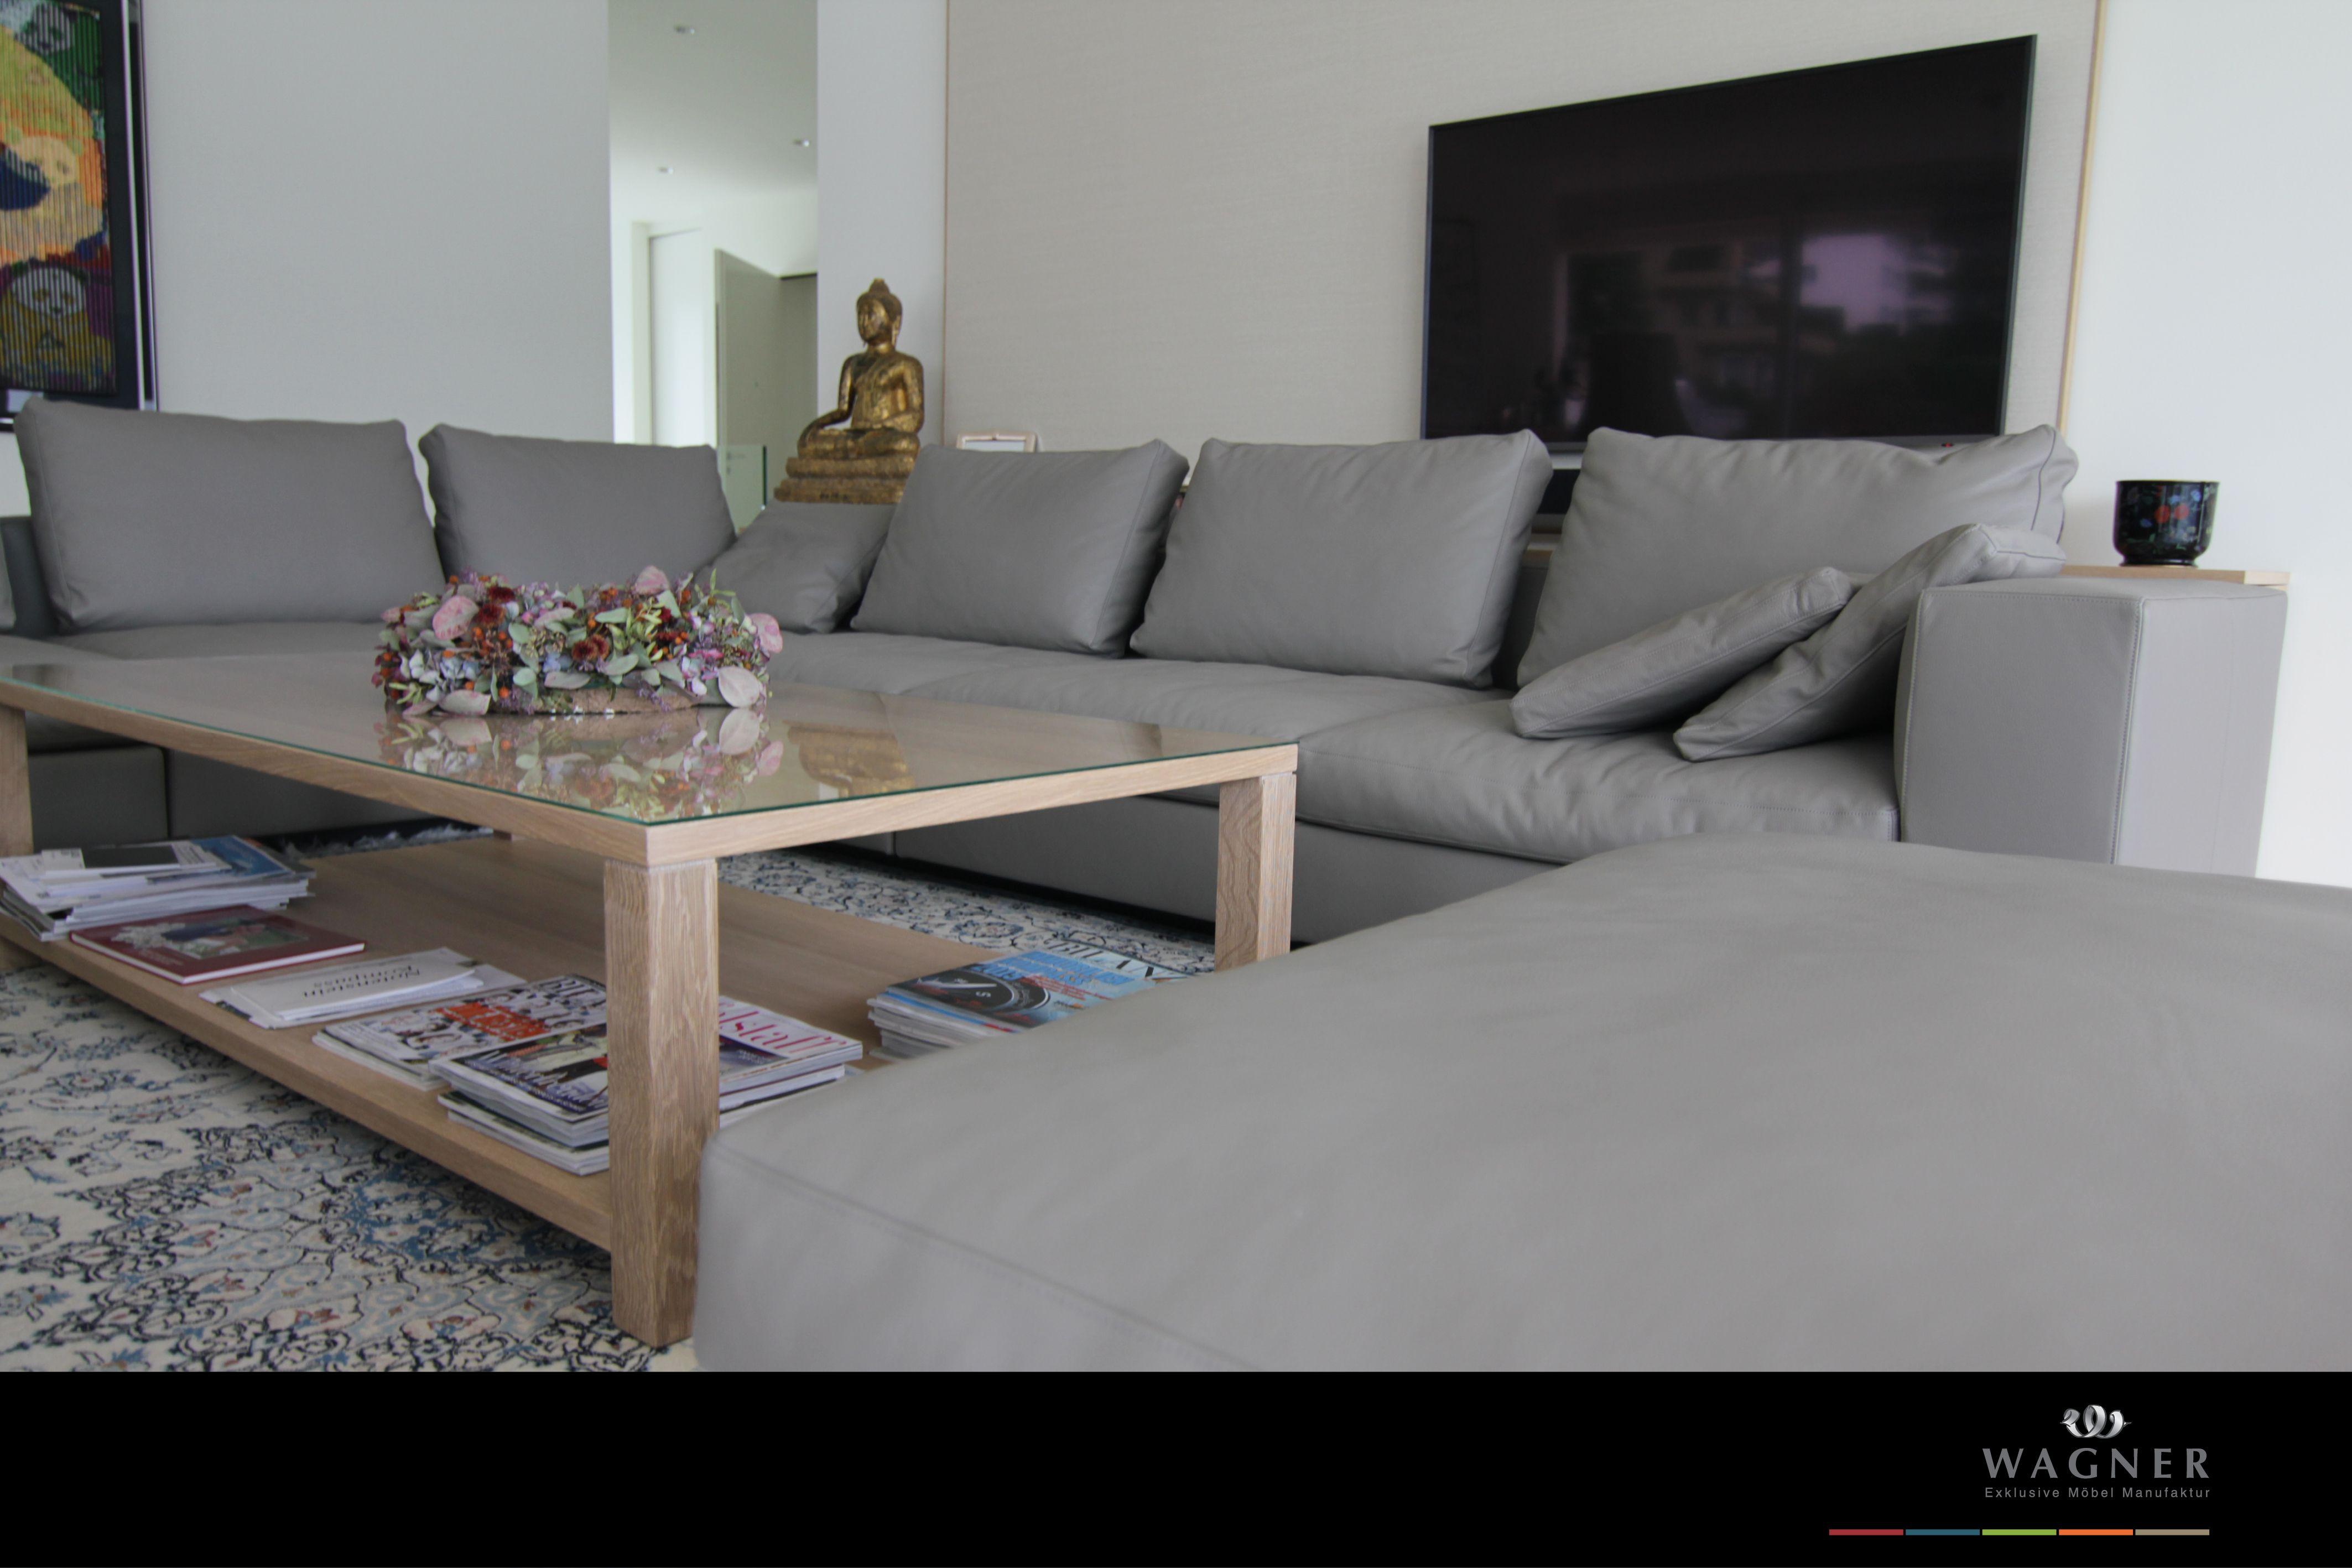 Wohnzimmer-Couch aus Leder